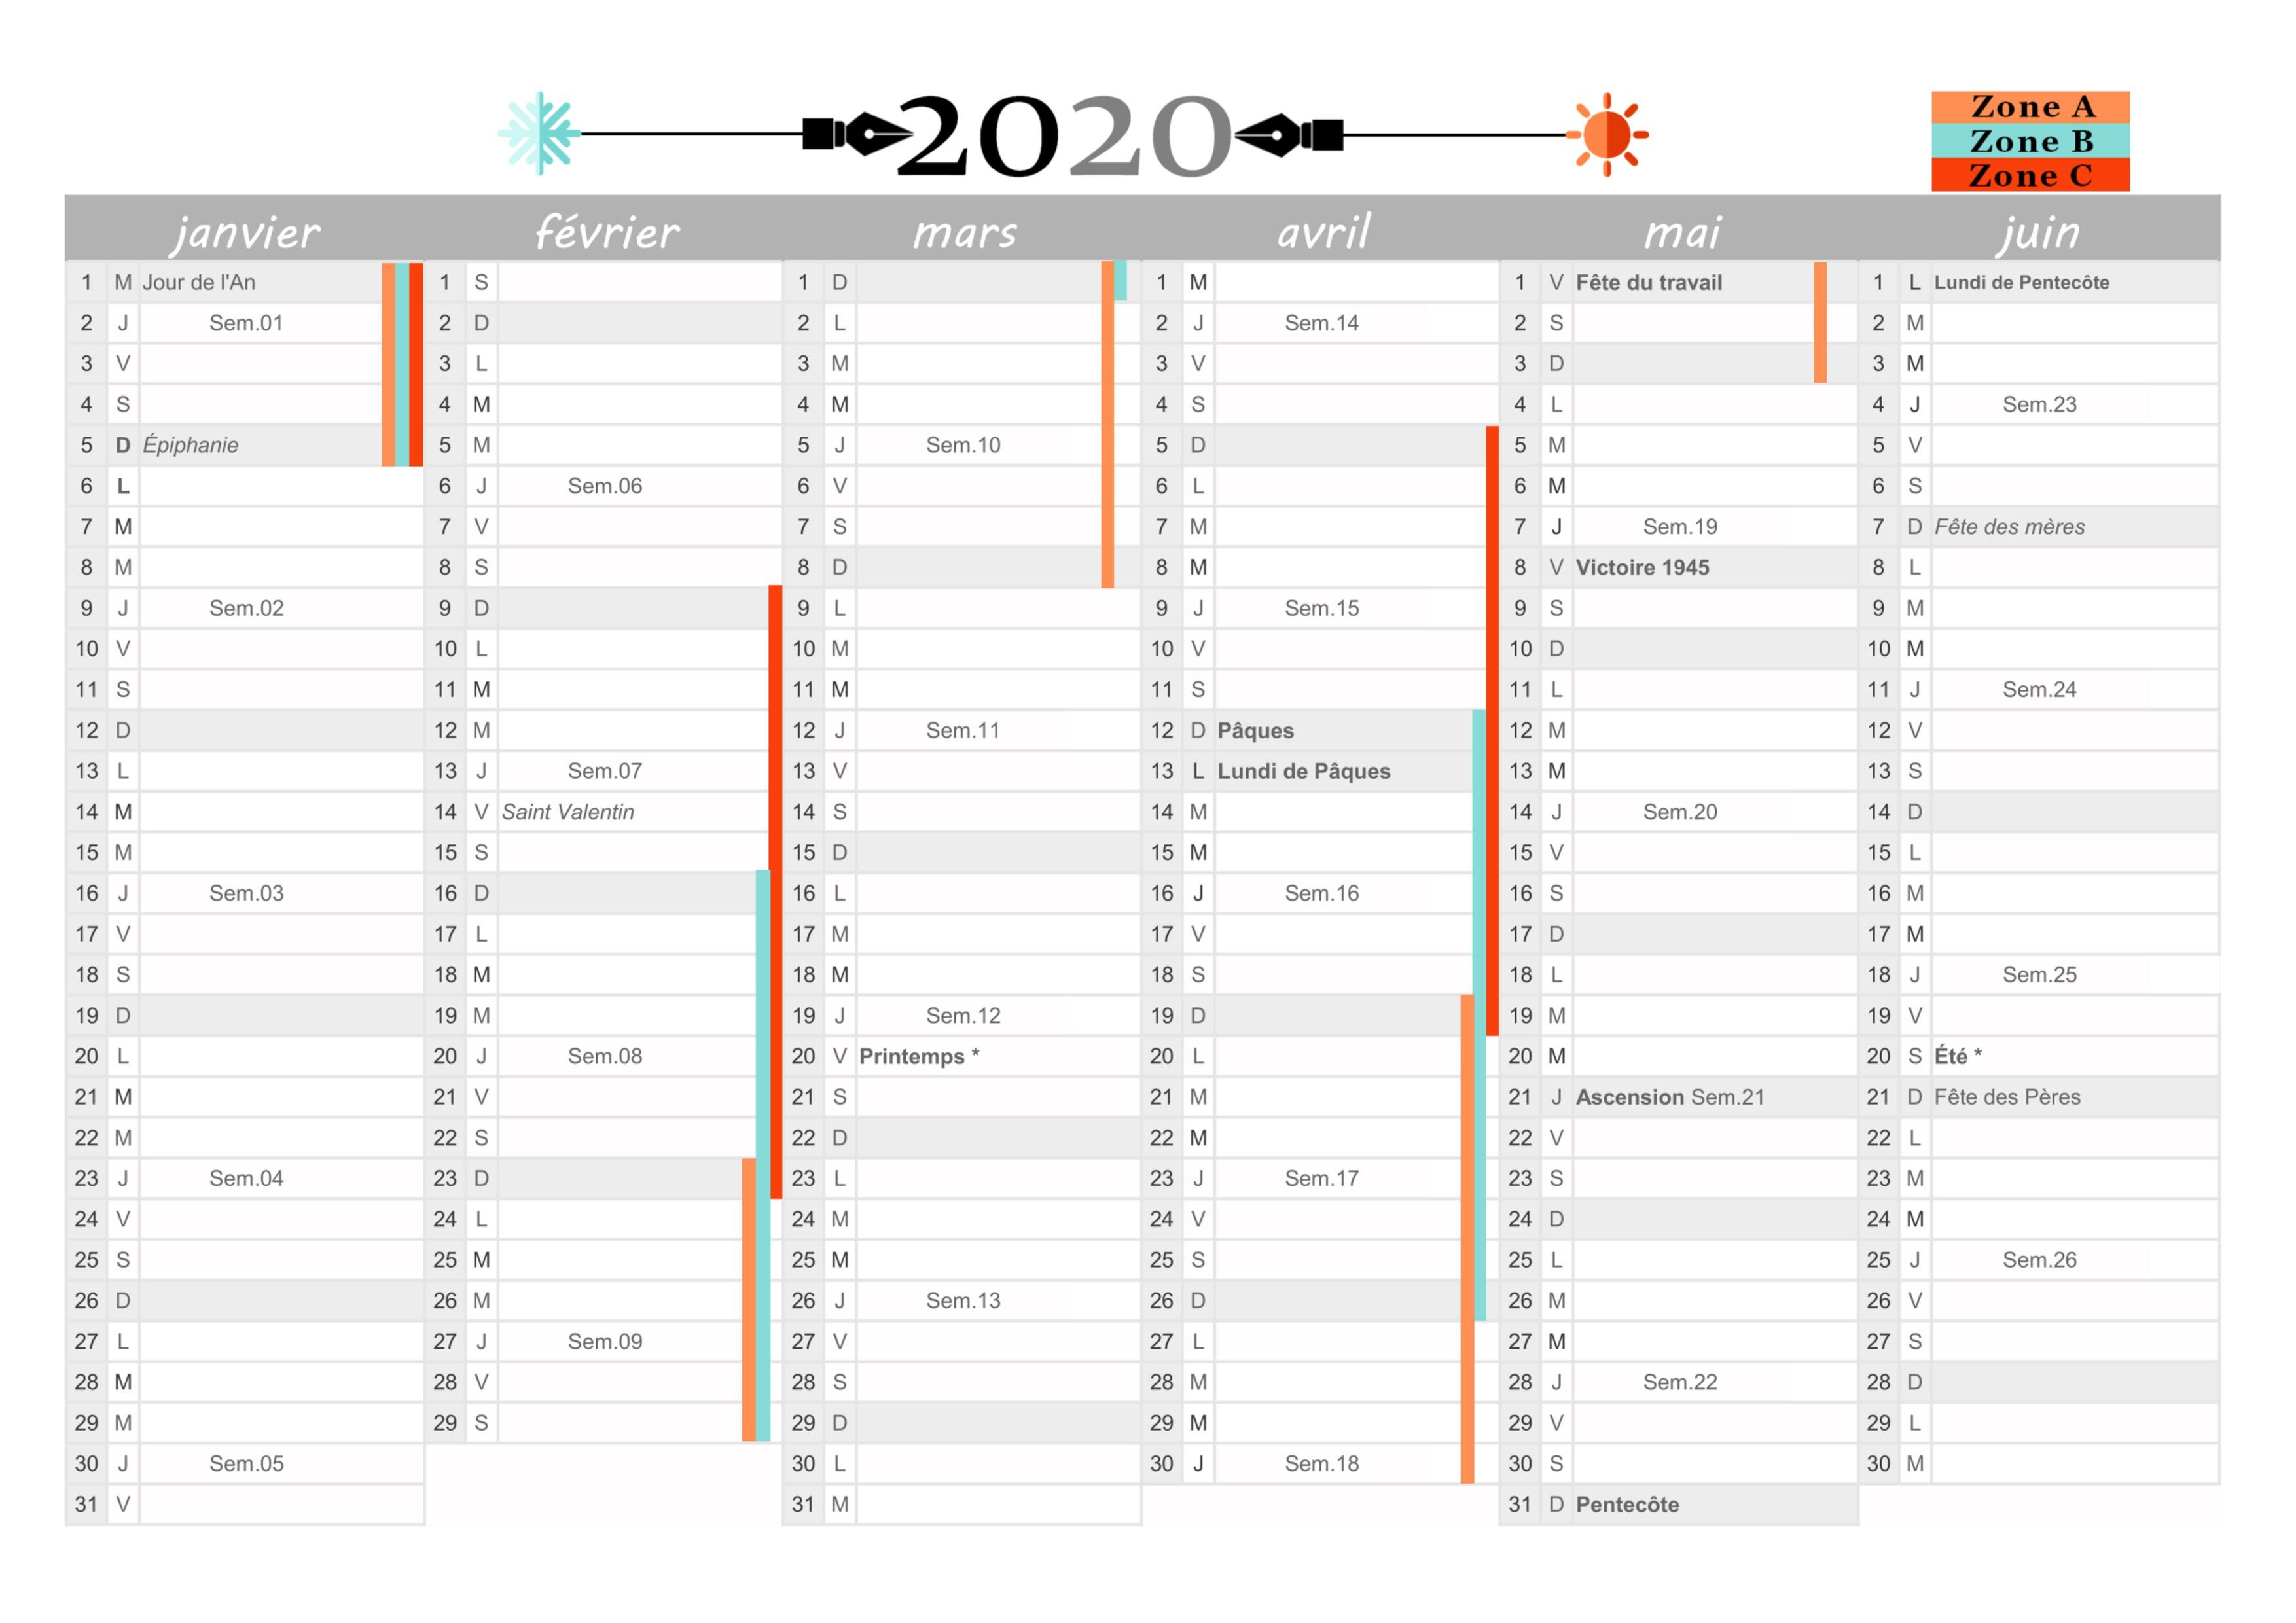 Calendrier à Imprimer 2020 Gratuit Jours Fériés Vacances